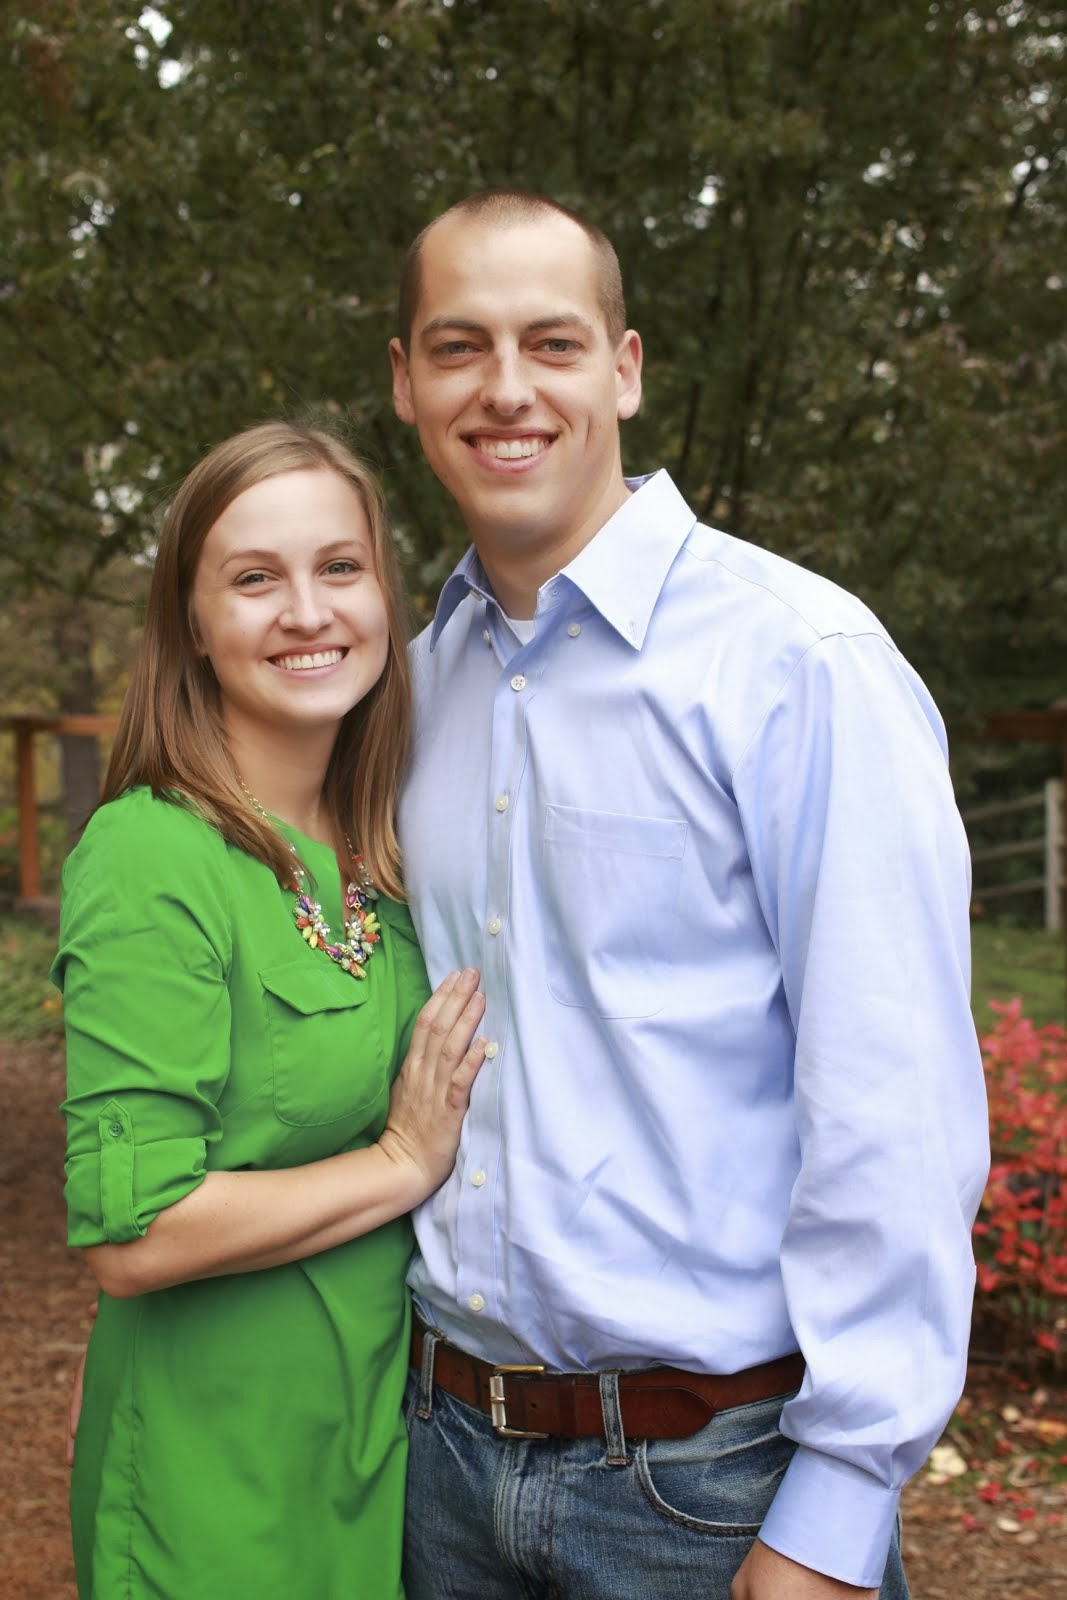 Keri and Brian